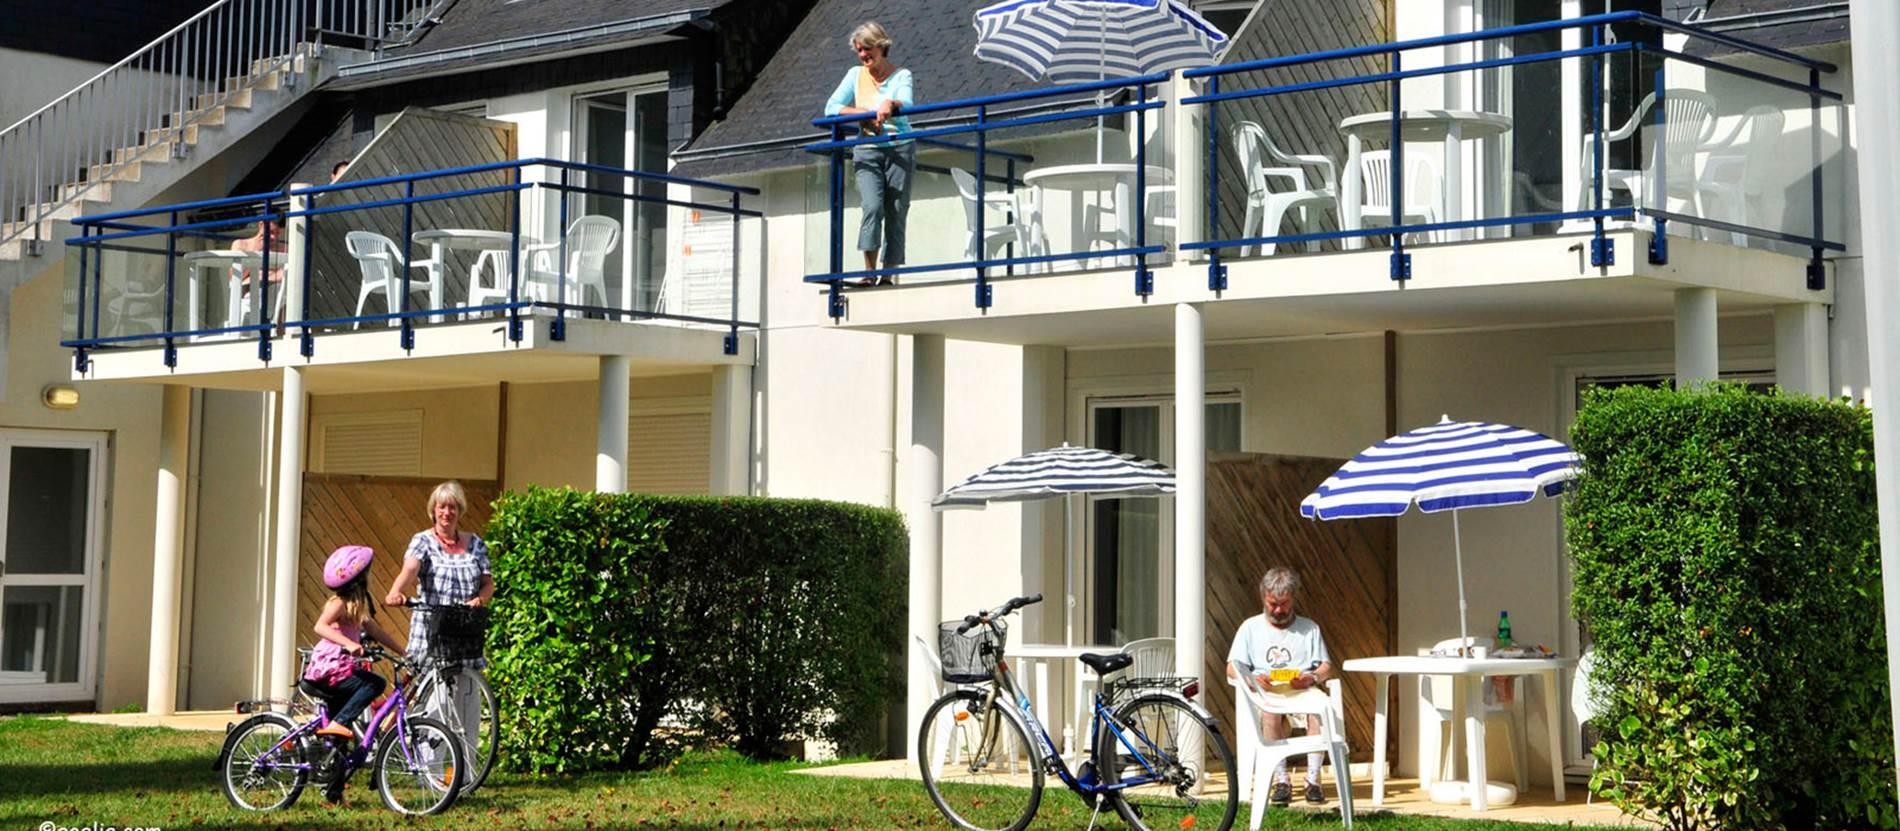 Résidence-de-Tourisme-de-la-Voile-d-Or-Ile-aux-Moines-Morbihan-Bretagne-Sud © ©IAM